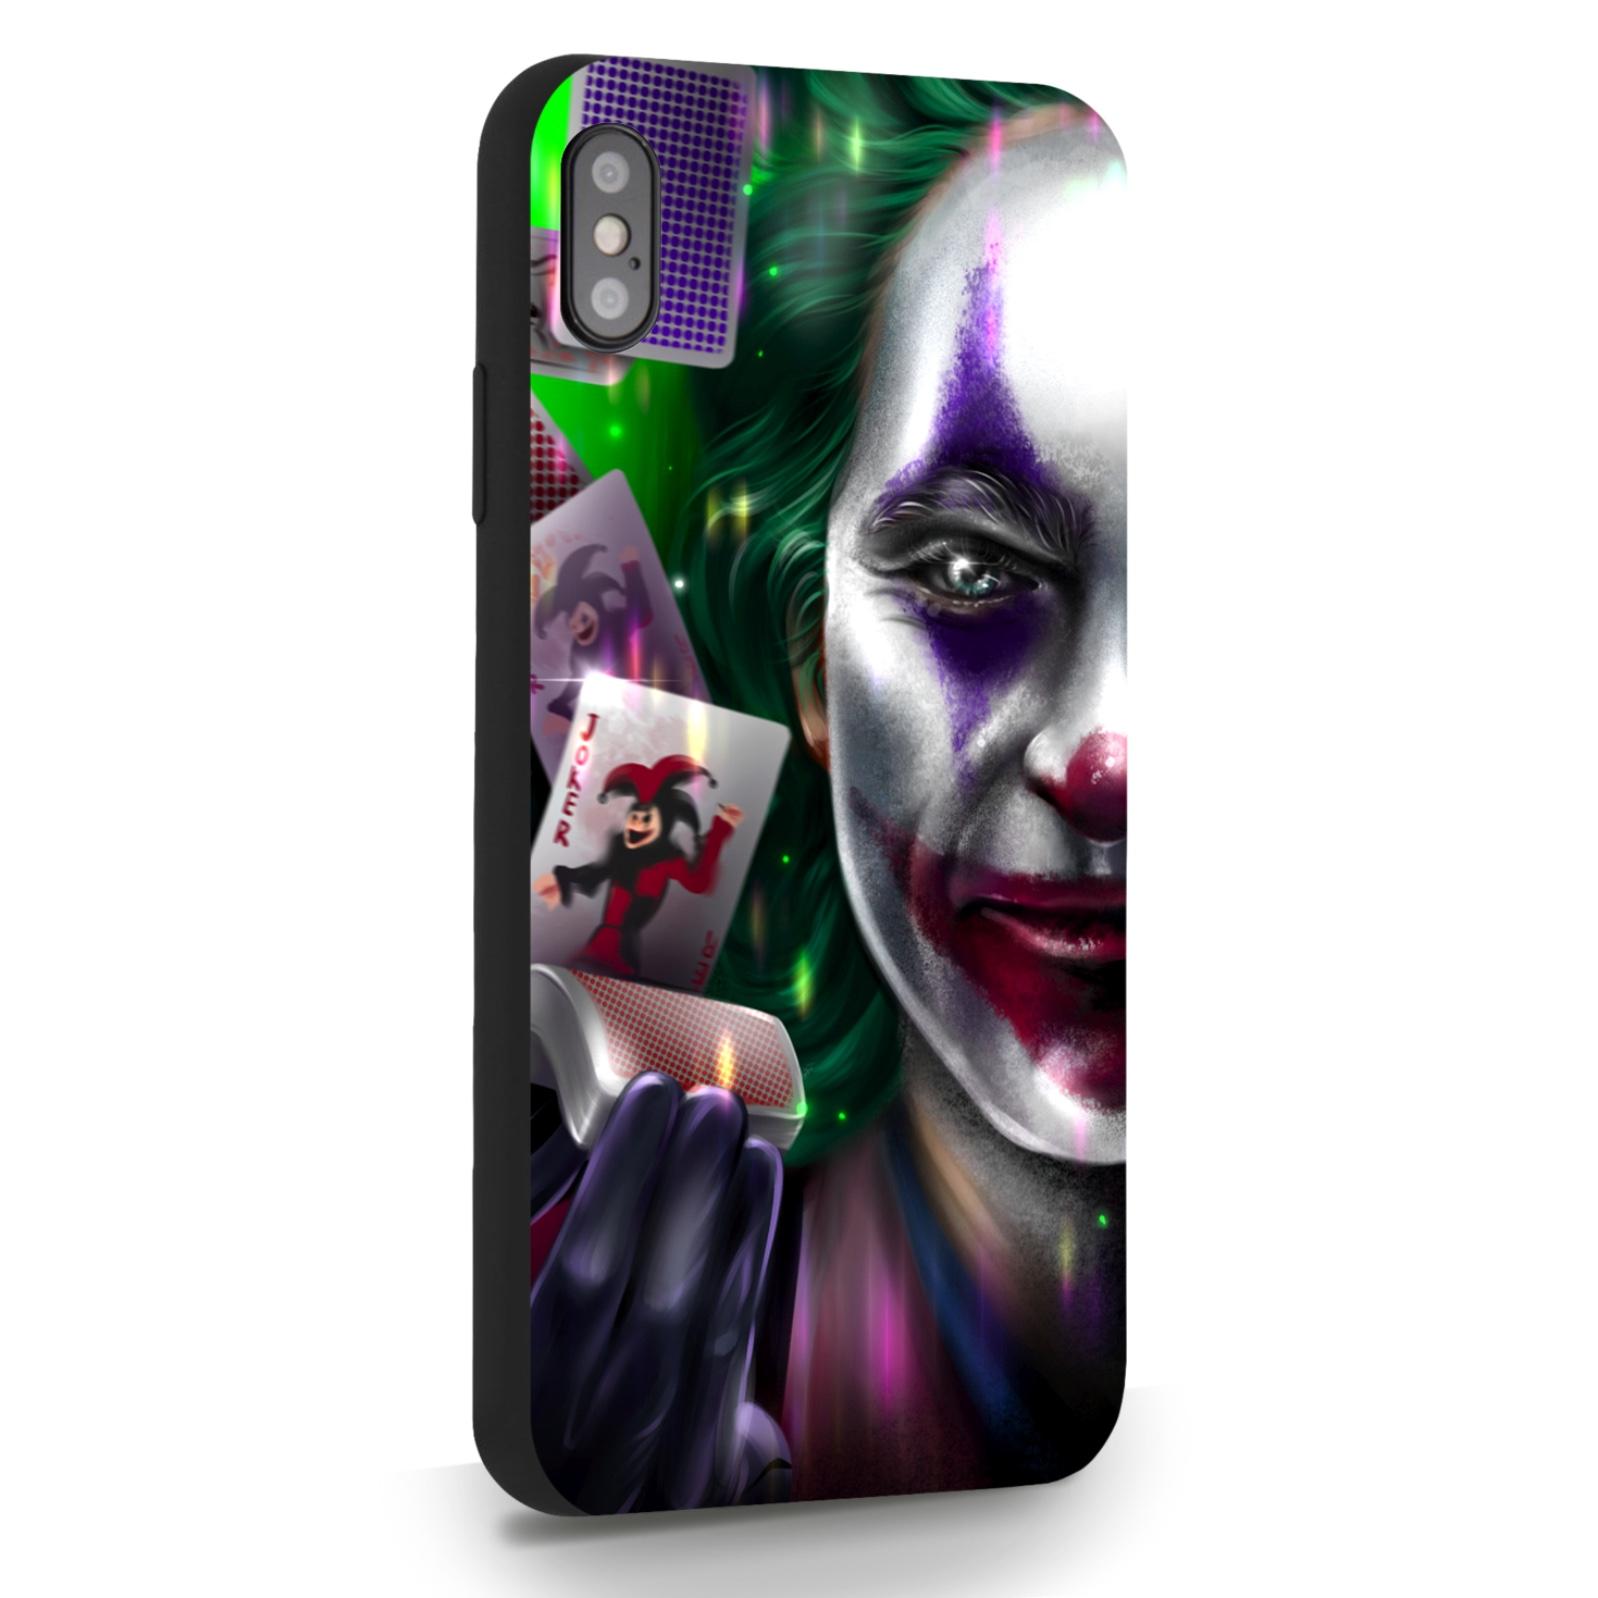 Черный силиконовый чехол для iPhone XsMax Joker/ Джокер для Айфон 10С Макс